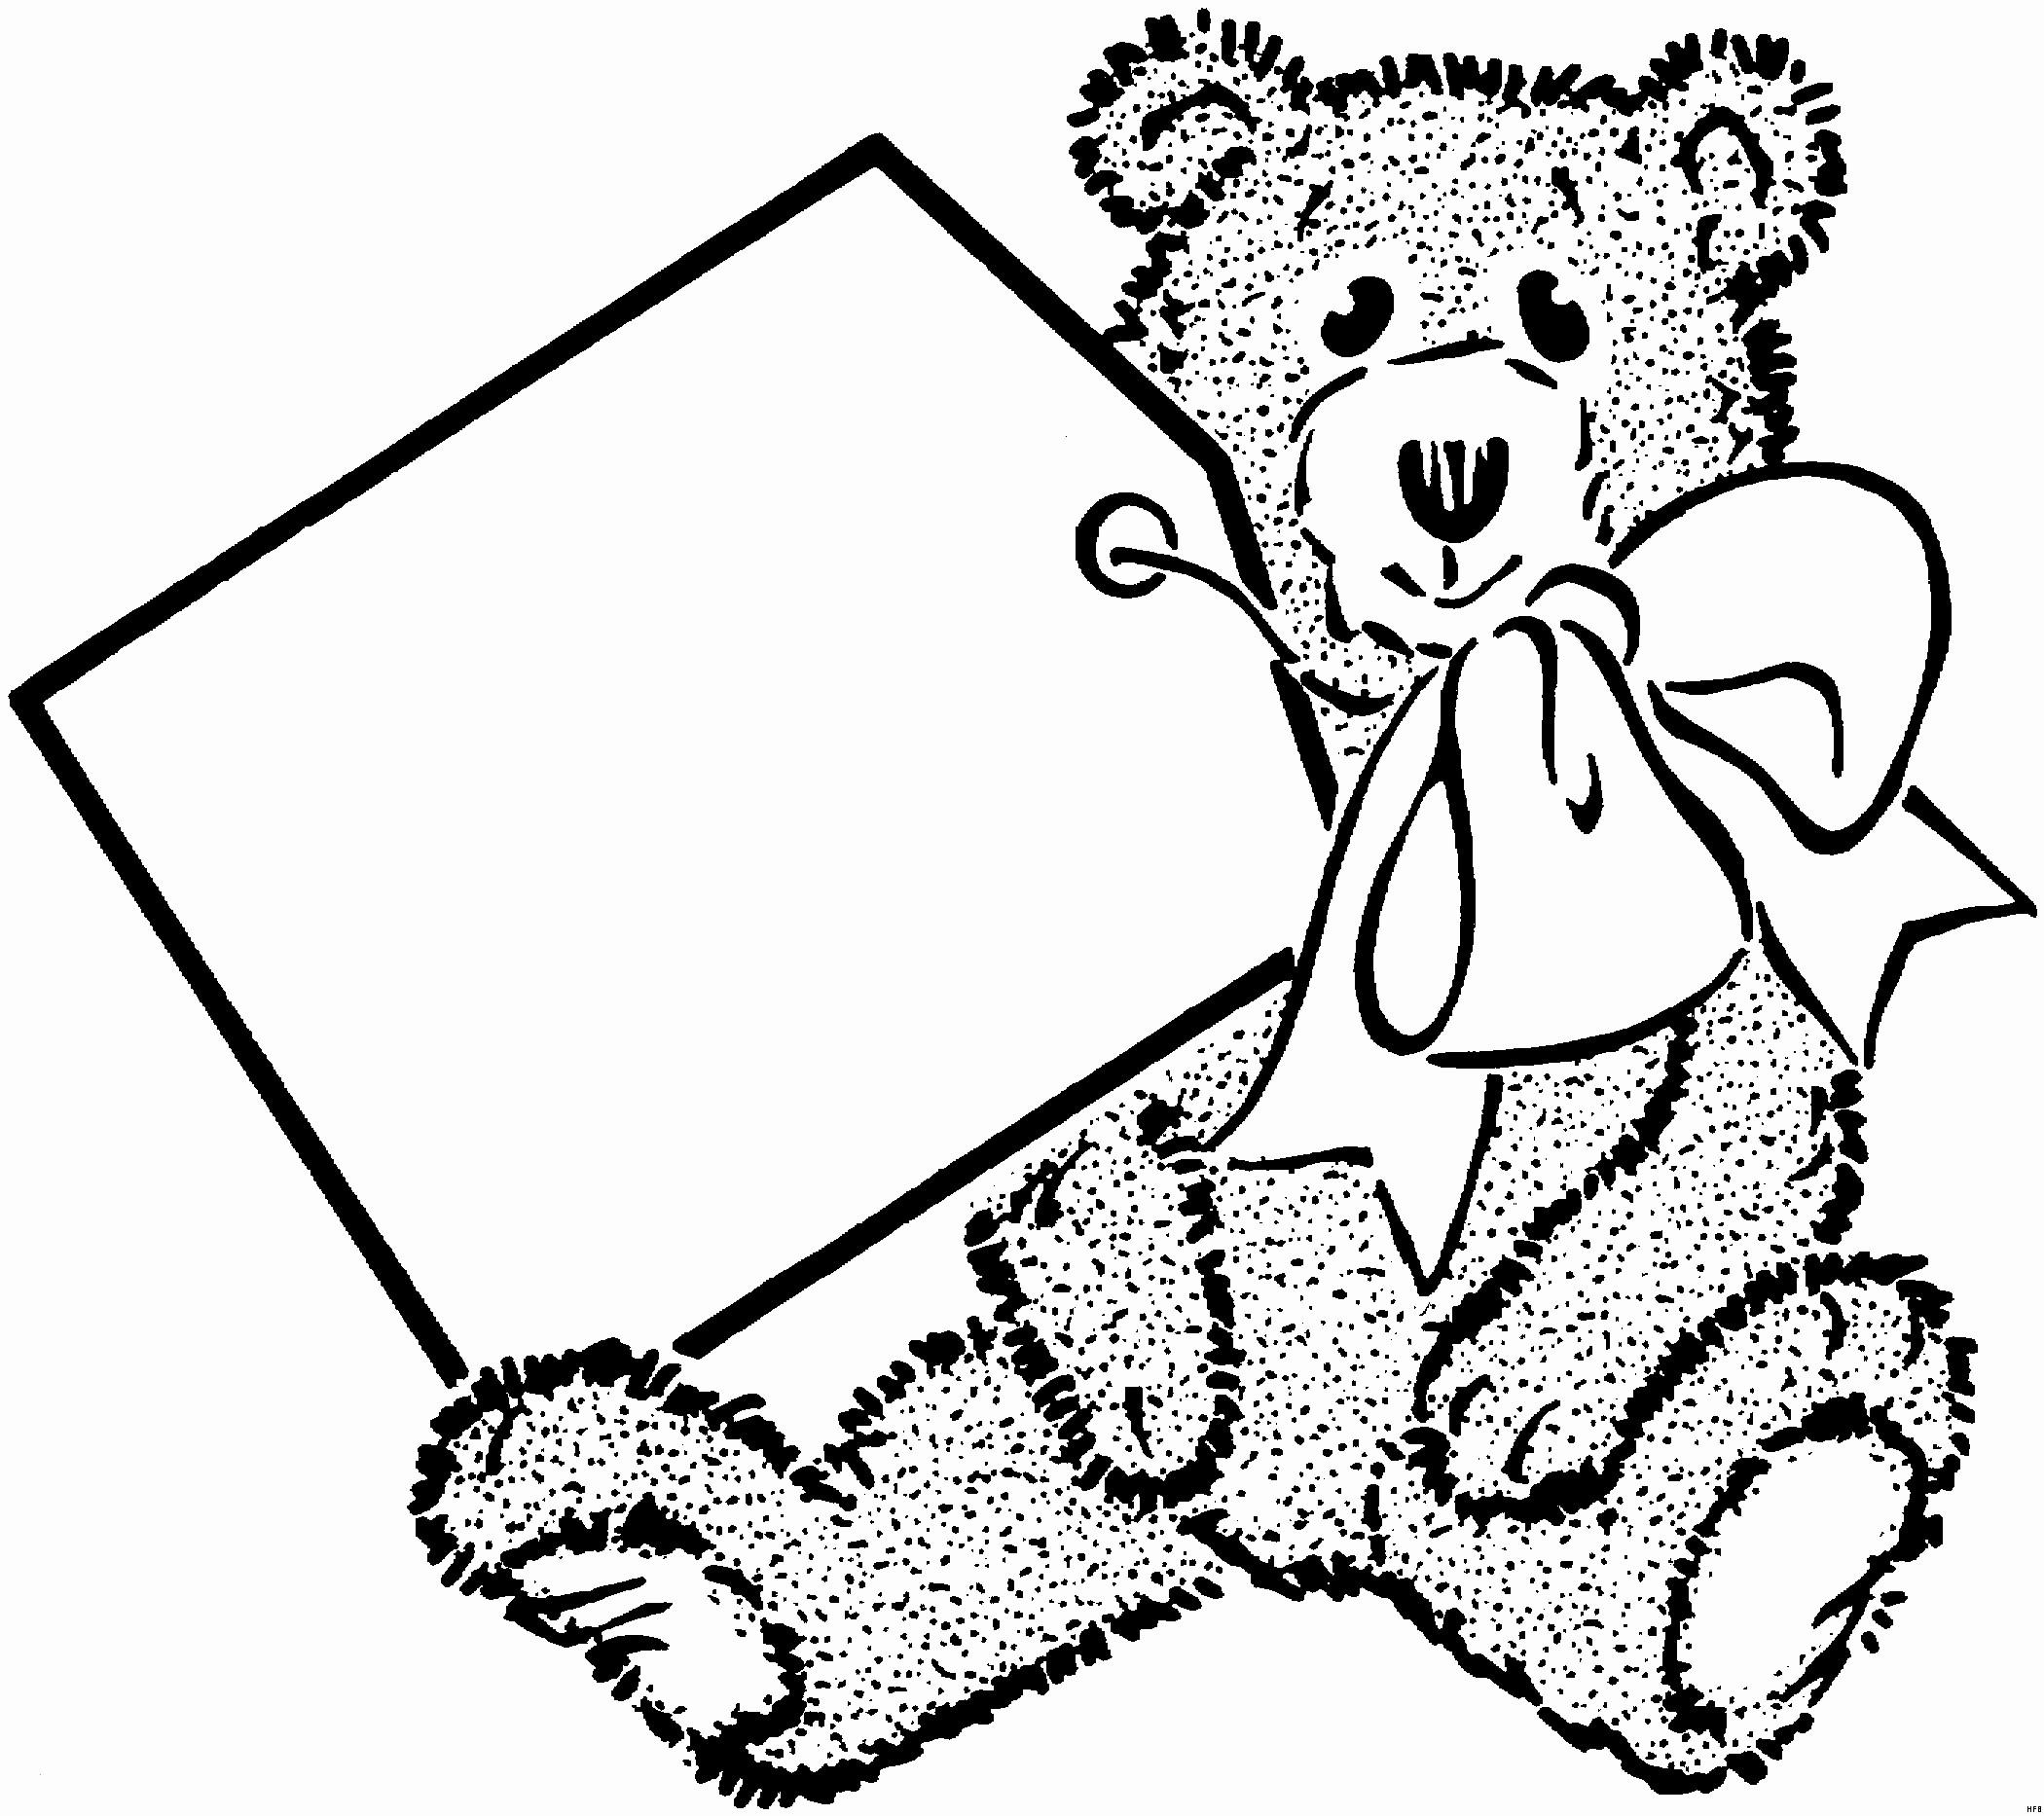 Ausmalbilder Mandala Herzen Neu Ausmalbilder Teddy Mit Herz Fotos 37 Ausmalbilder Mandala Herzen Sammlung